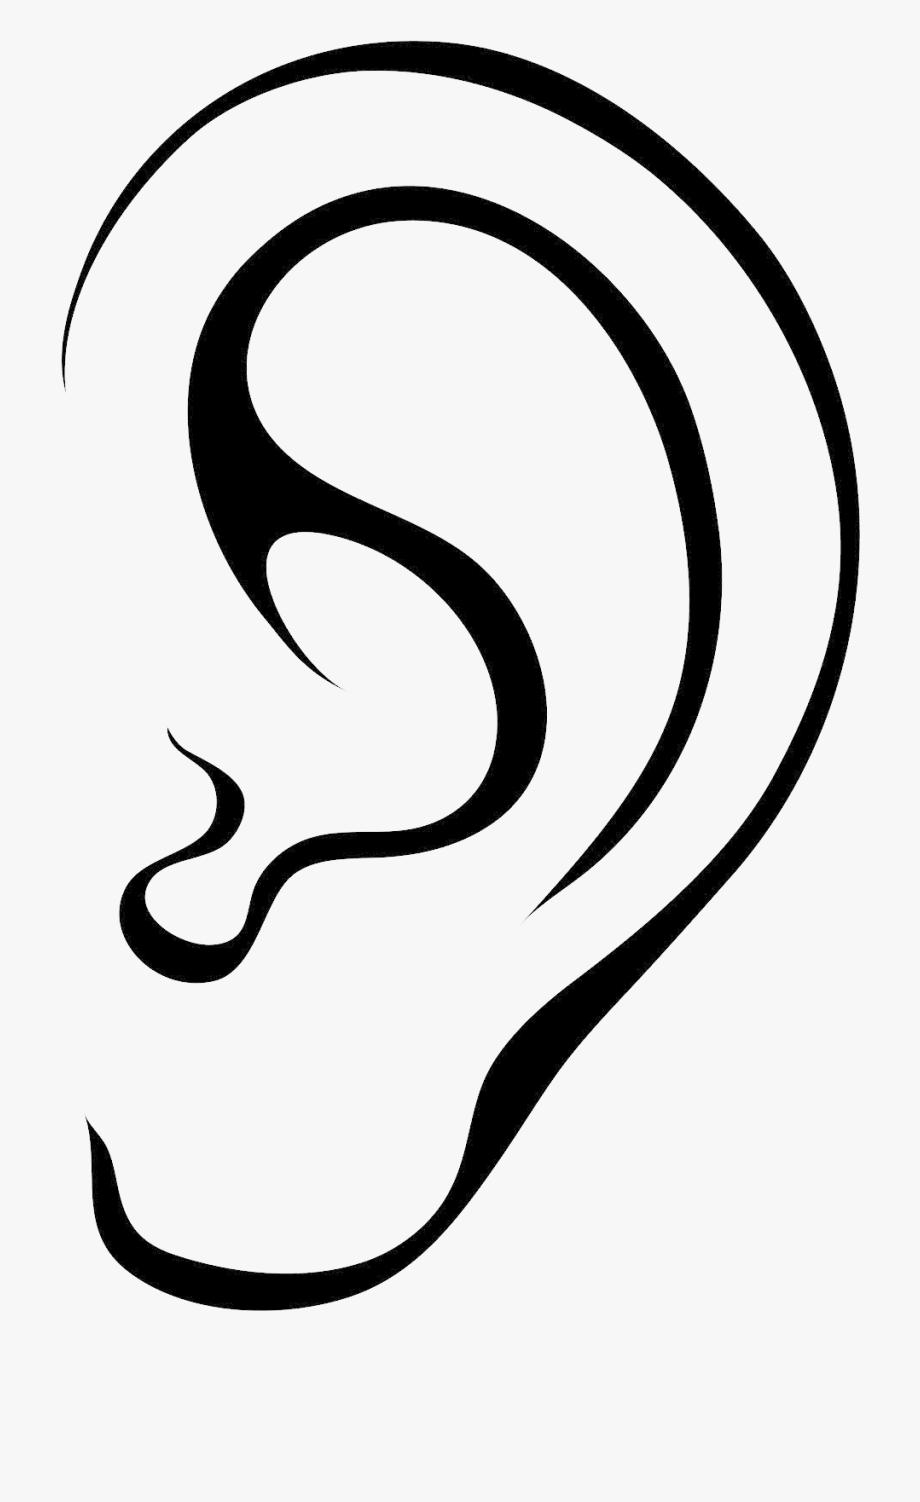 Clipart ear cartoon clip art. Black transparent png of